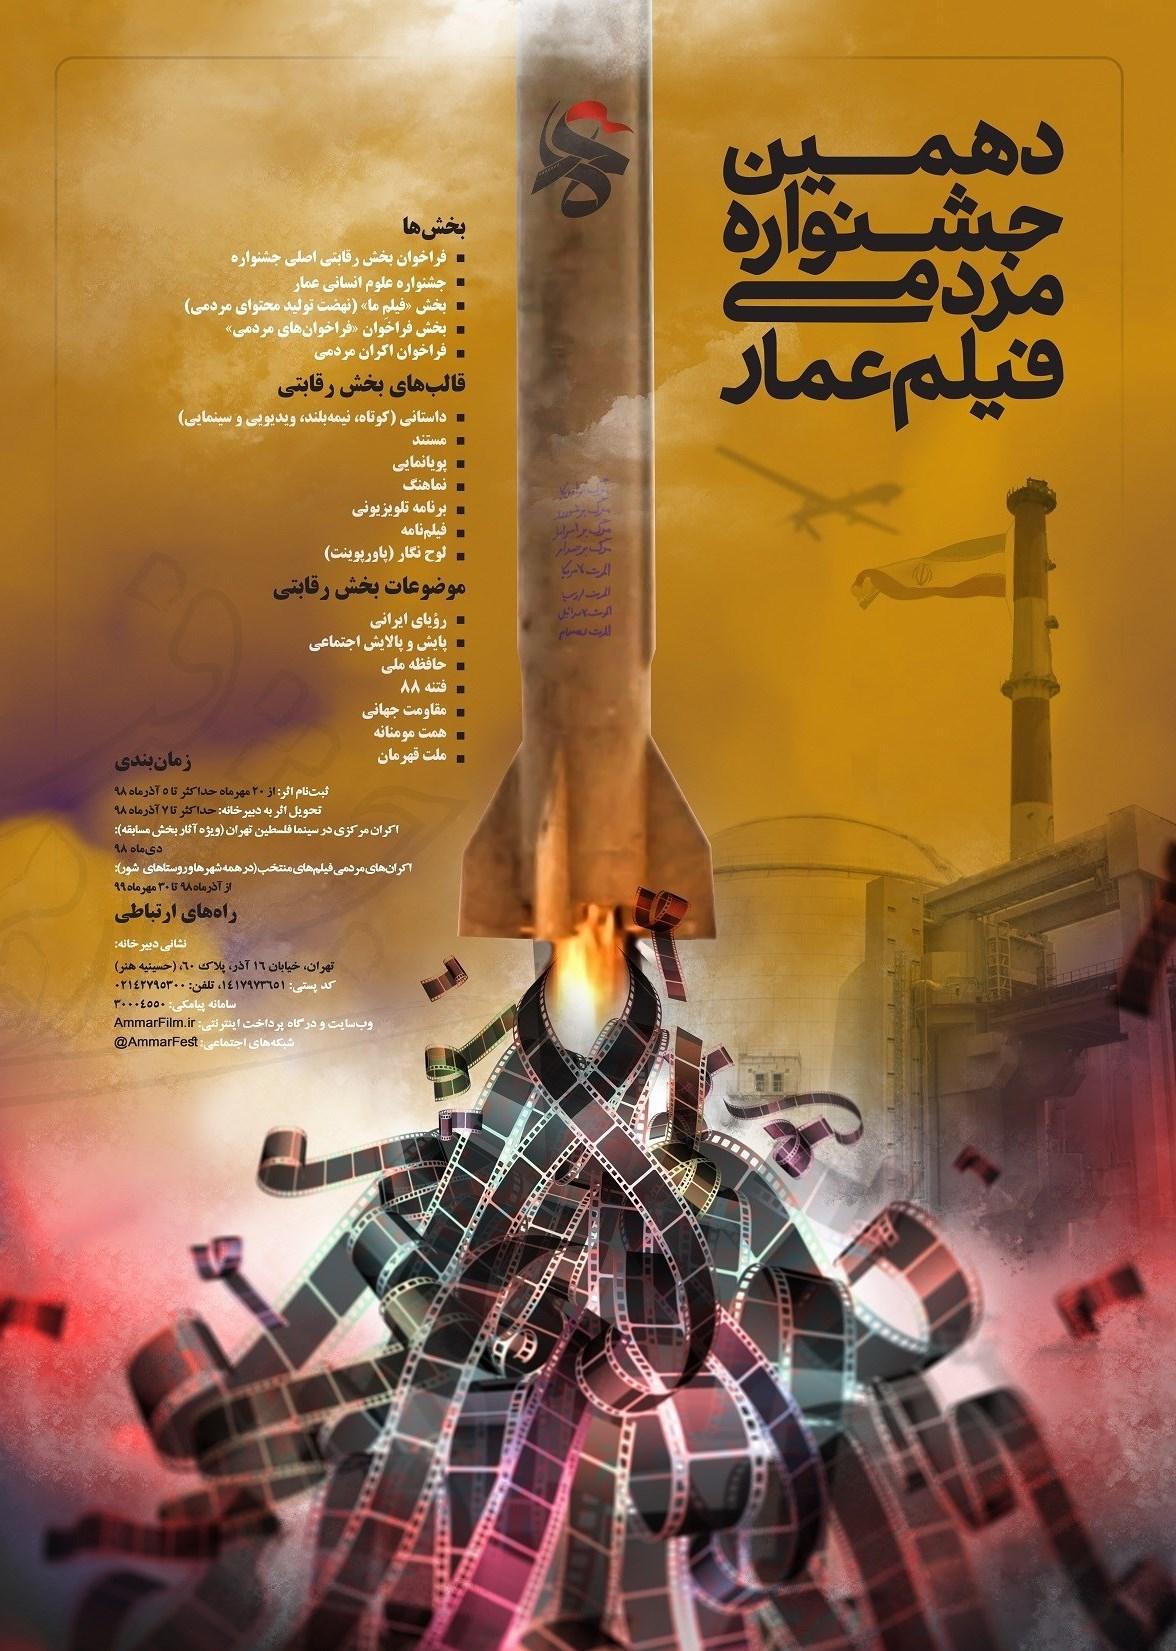 سینما , سینمای ایران , جشنواره عمار | جشنواره مردمی فیلم عمار , مستند ,